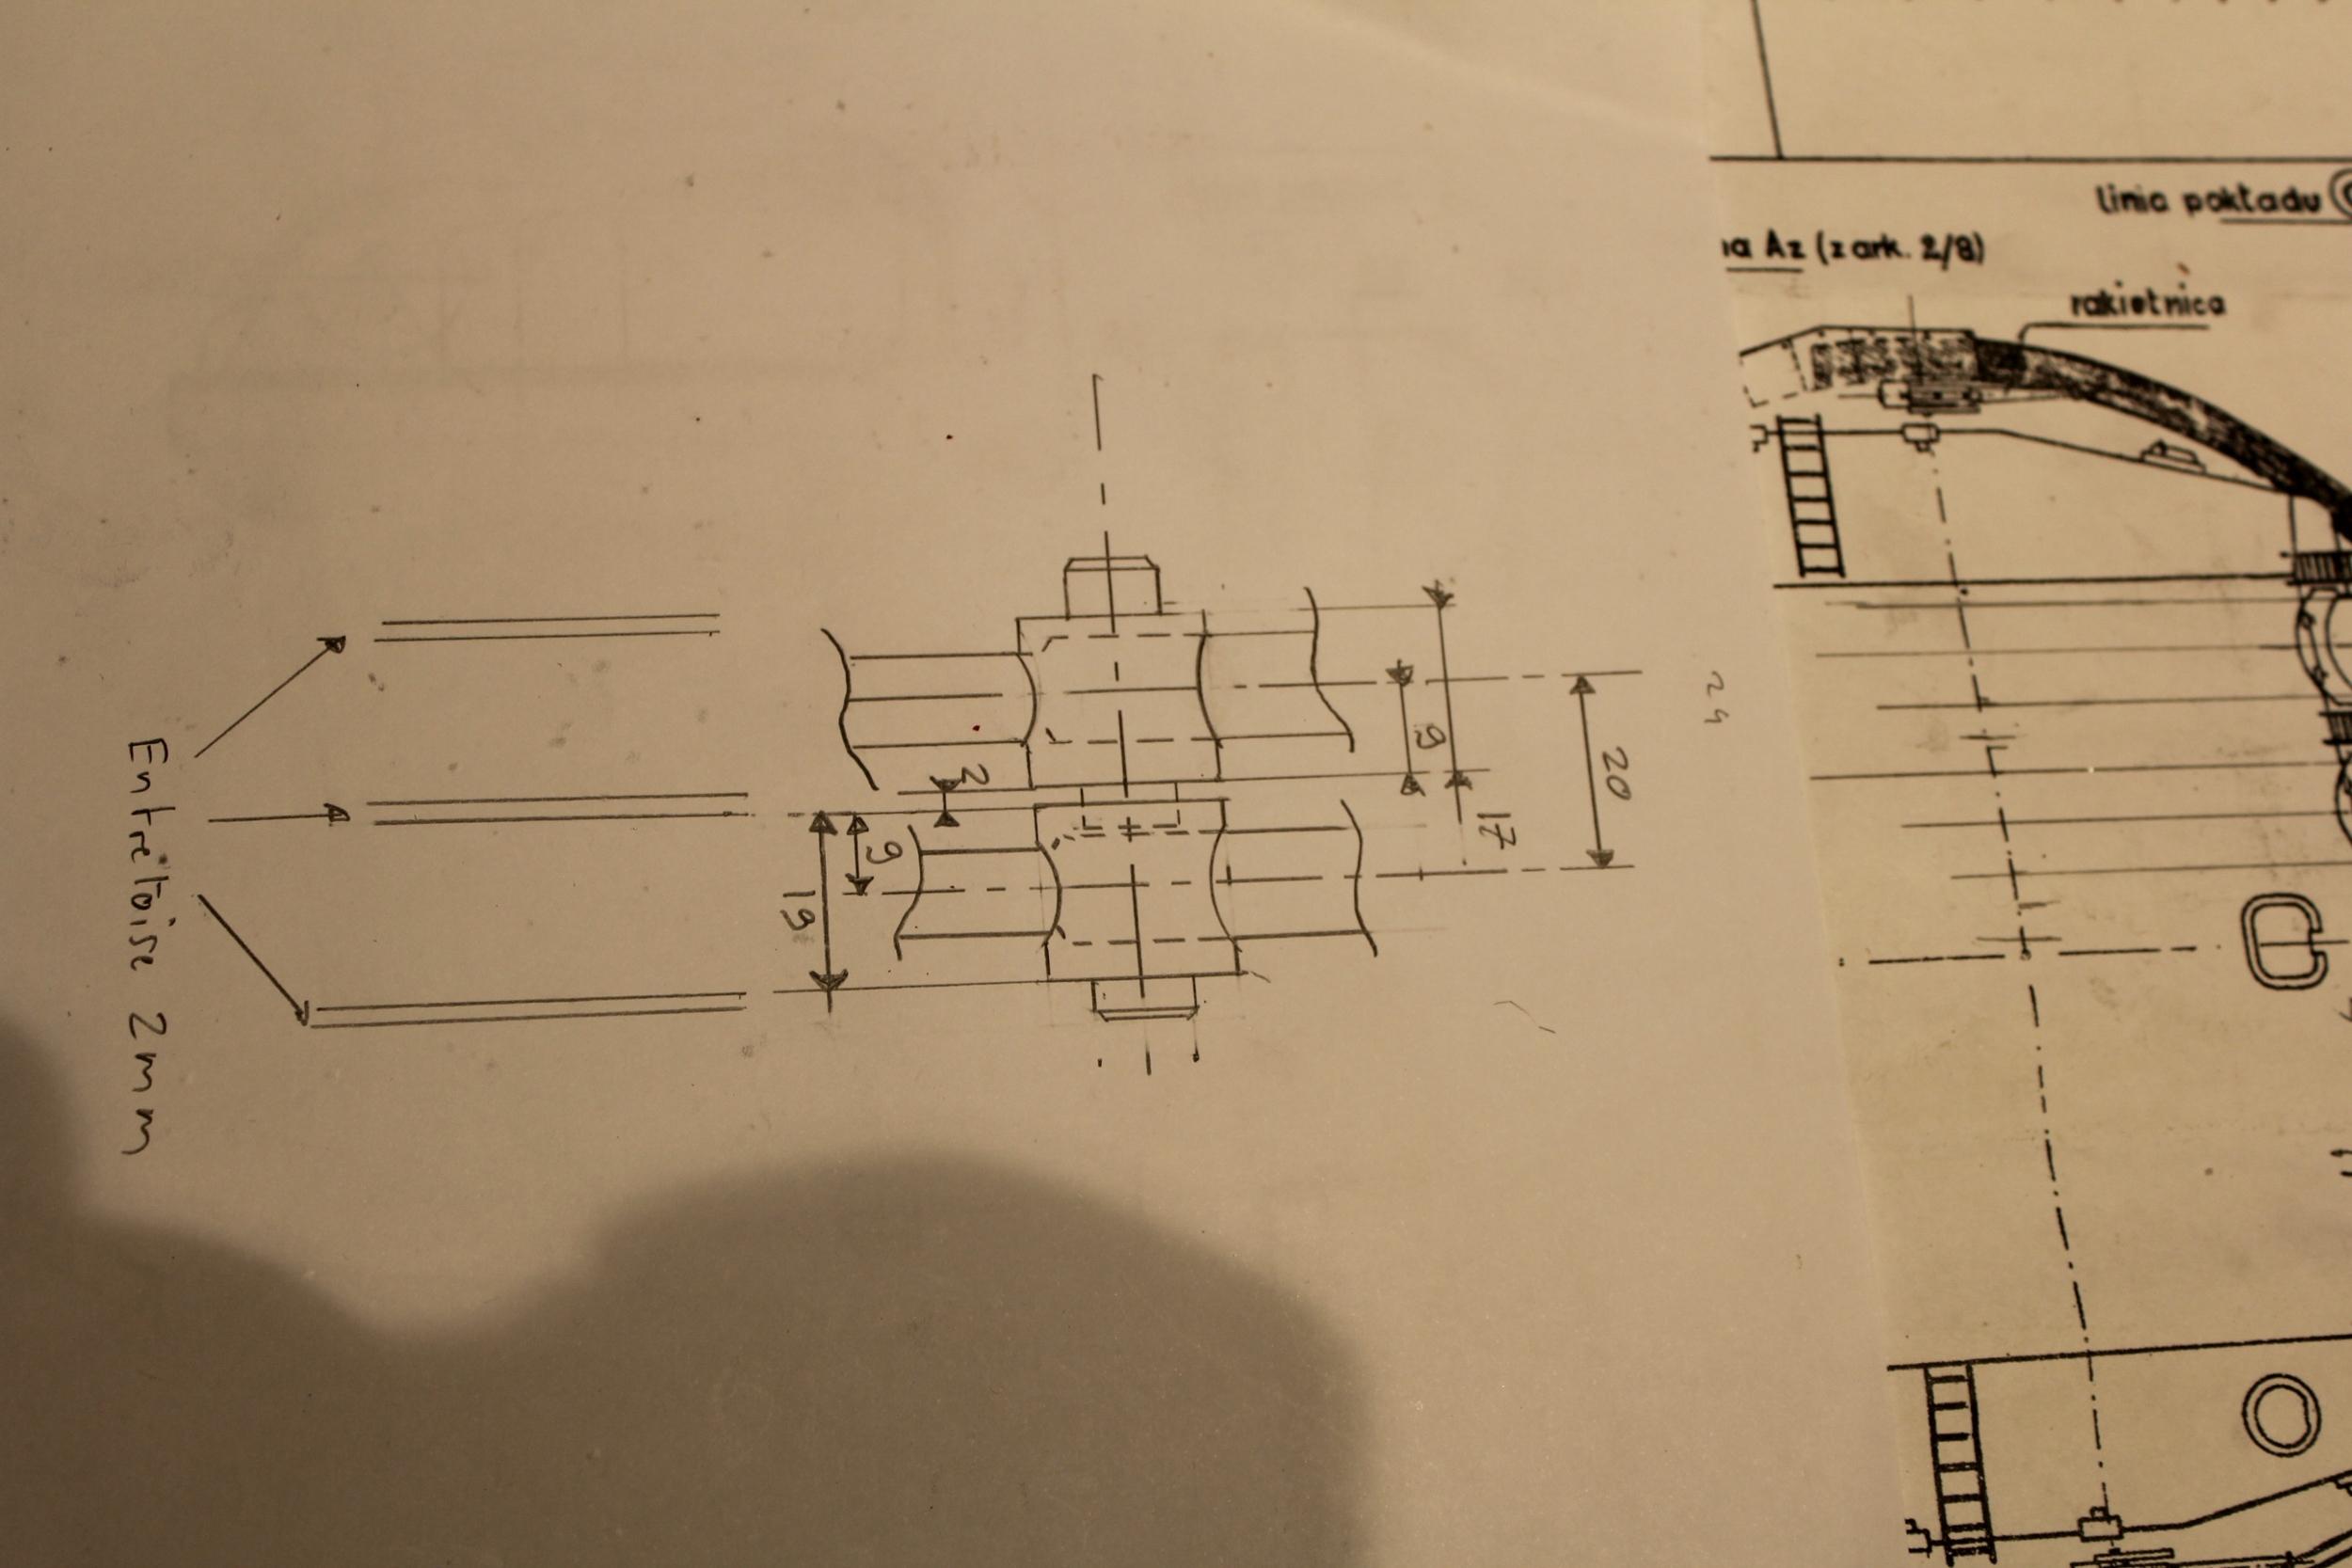 Cuirassé Richelieu 1943 (plans Polonais et Sarnet + Dumas 1/100°) - Page 3 315706IMG10992500x1667